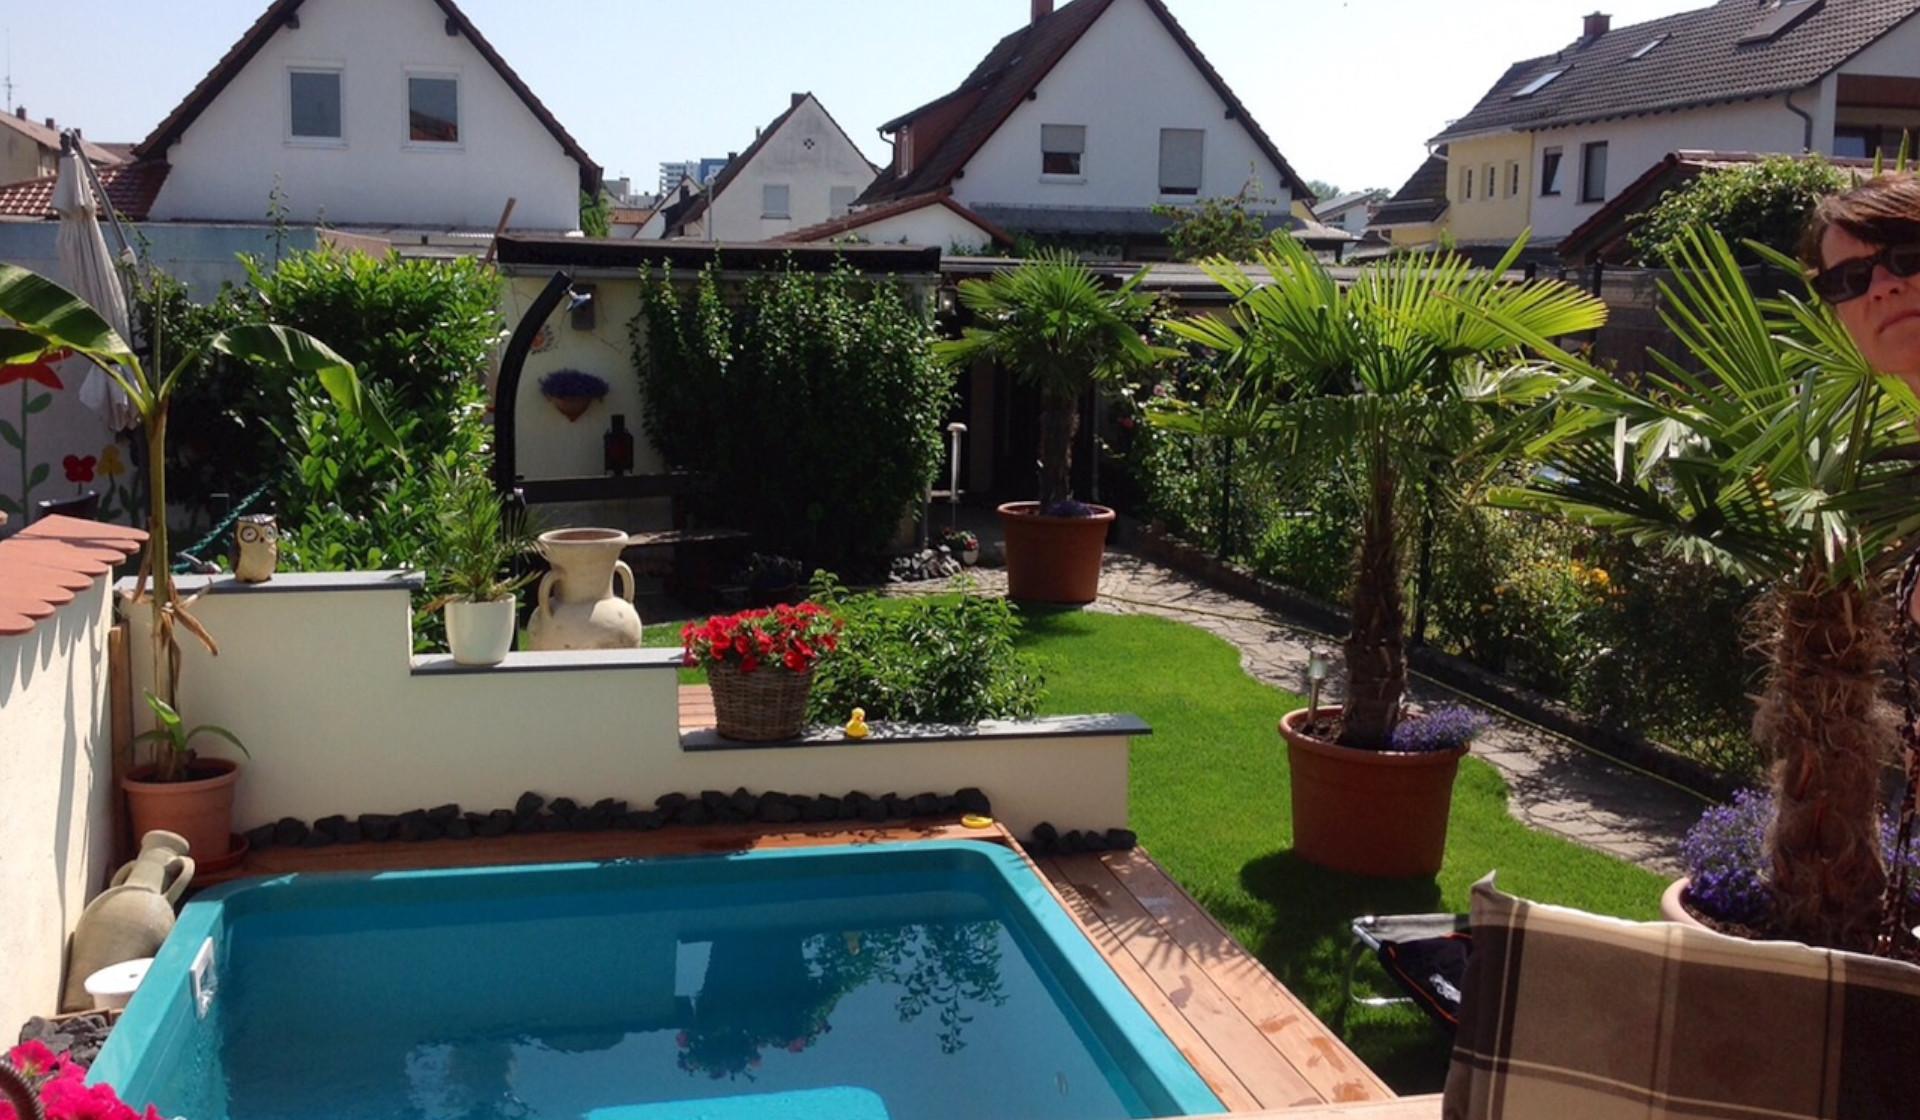 Gartenpool aus kunststoff for Gartenpool angebote